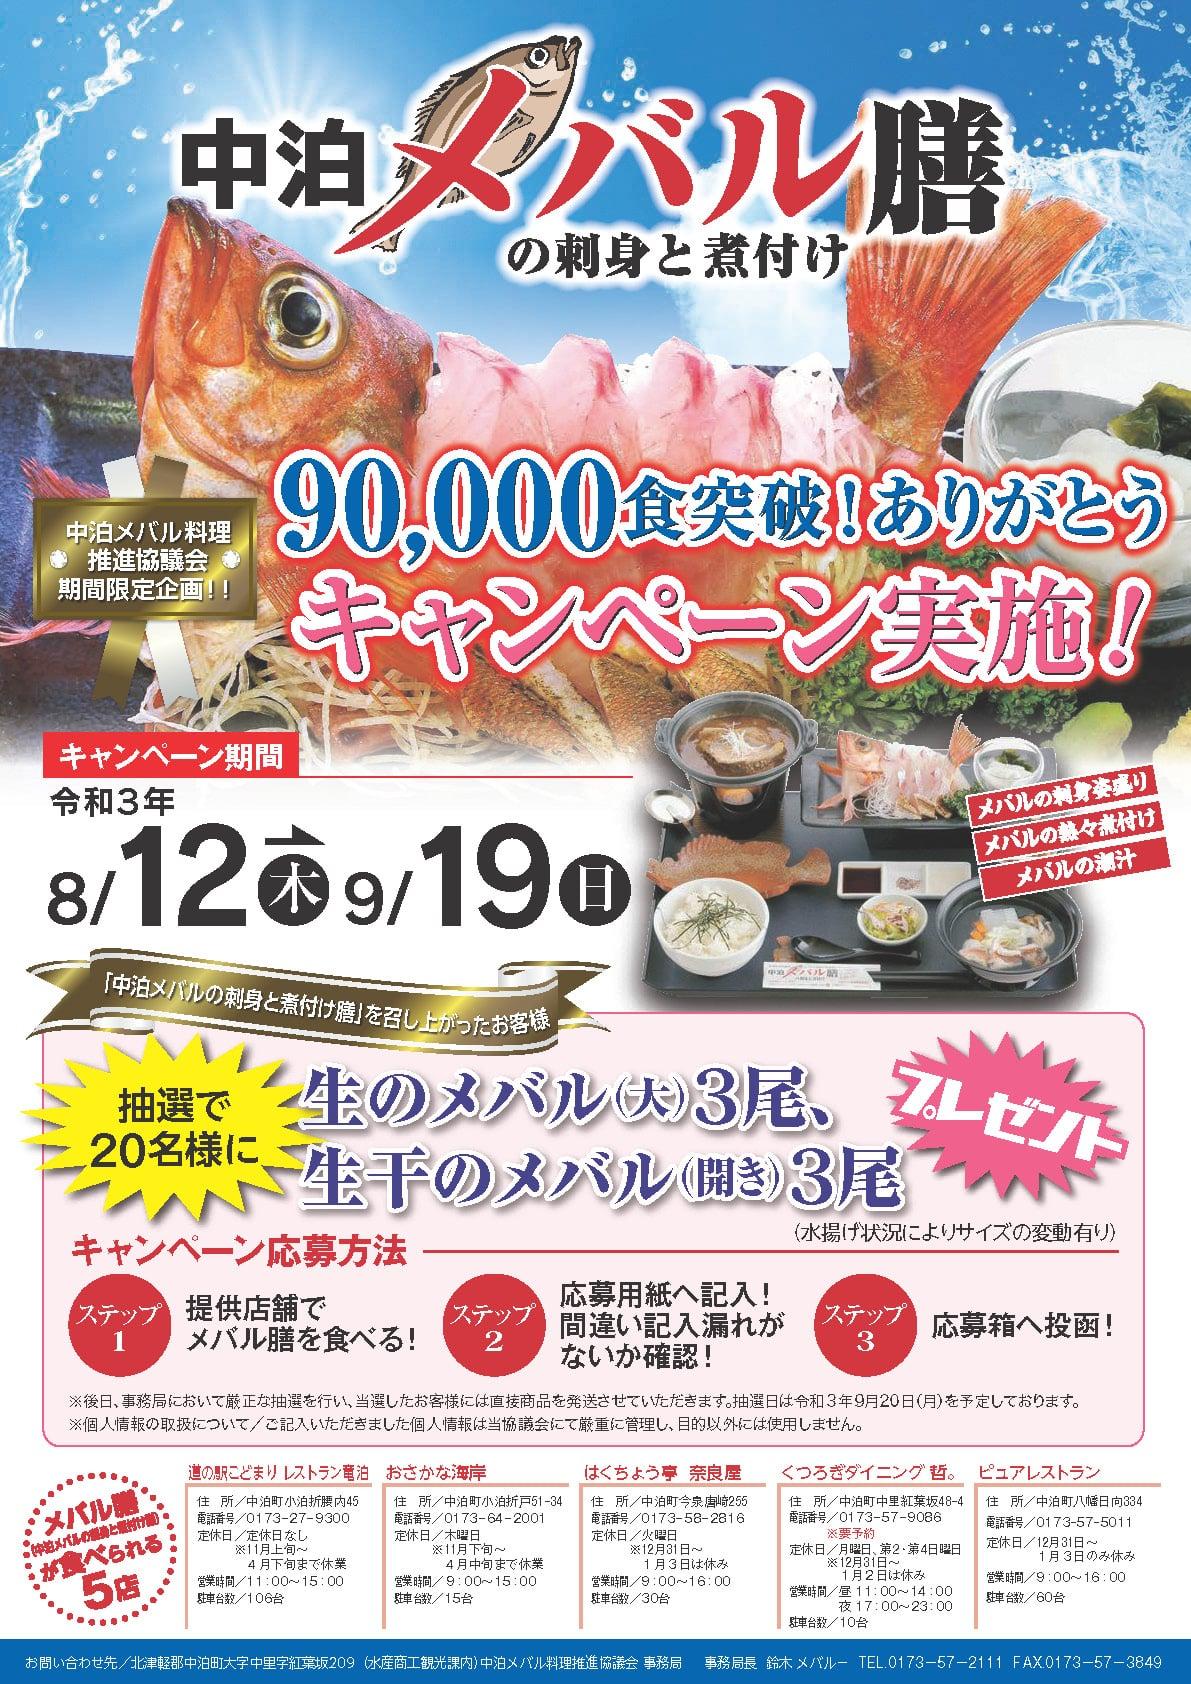 「中泊メバルの刺身と煮付け膳」90,000食突破!ありがとうキャンペーン実施中